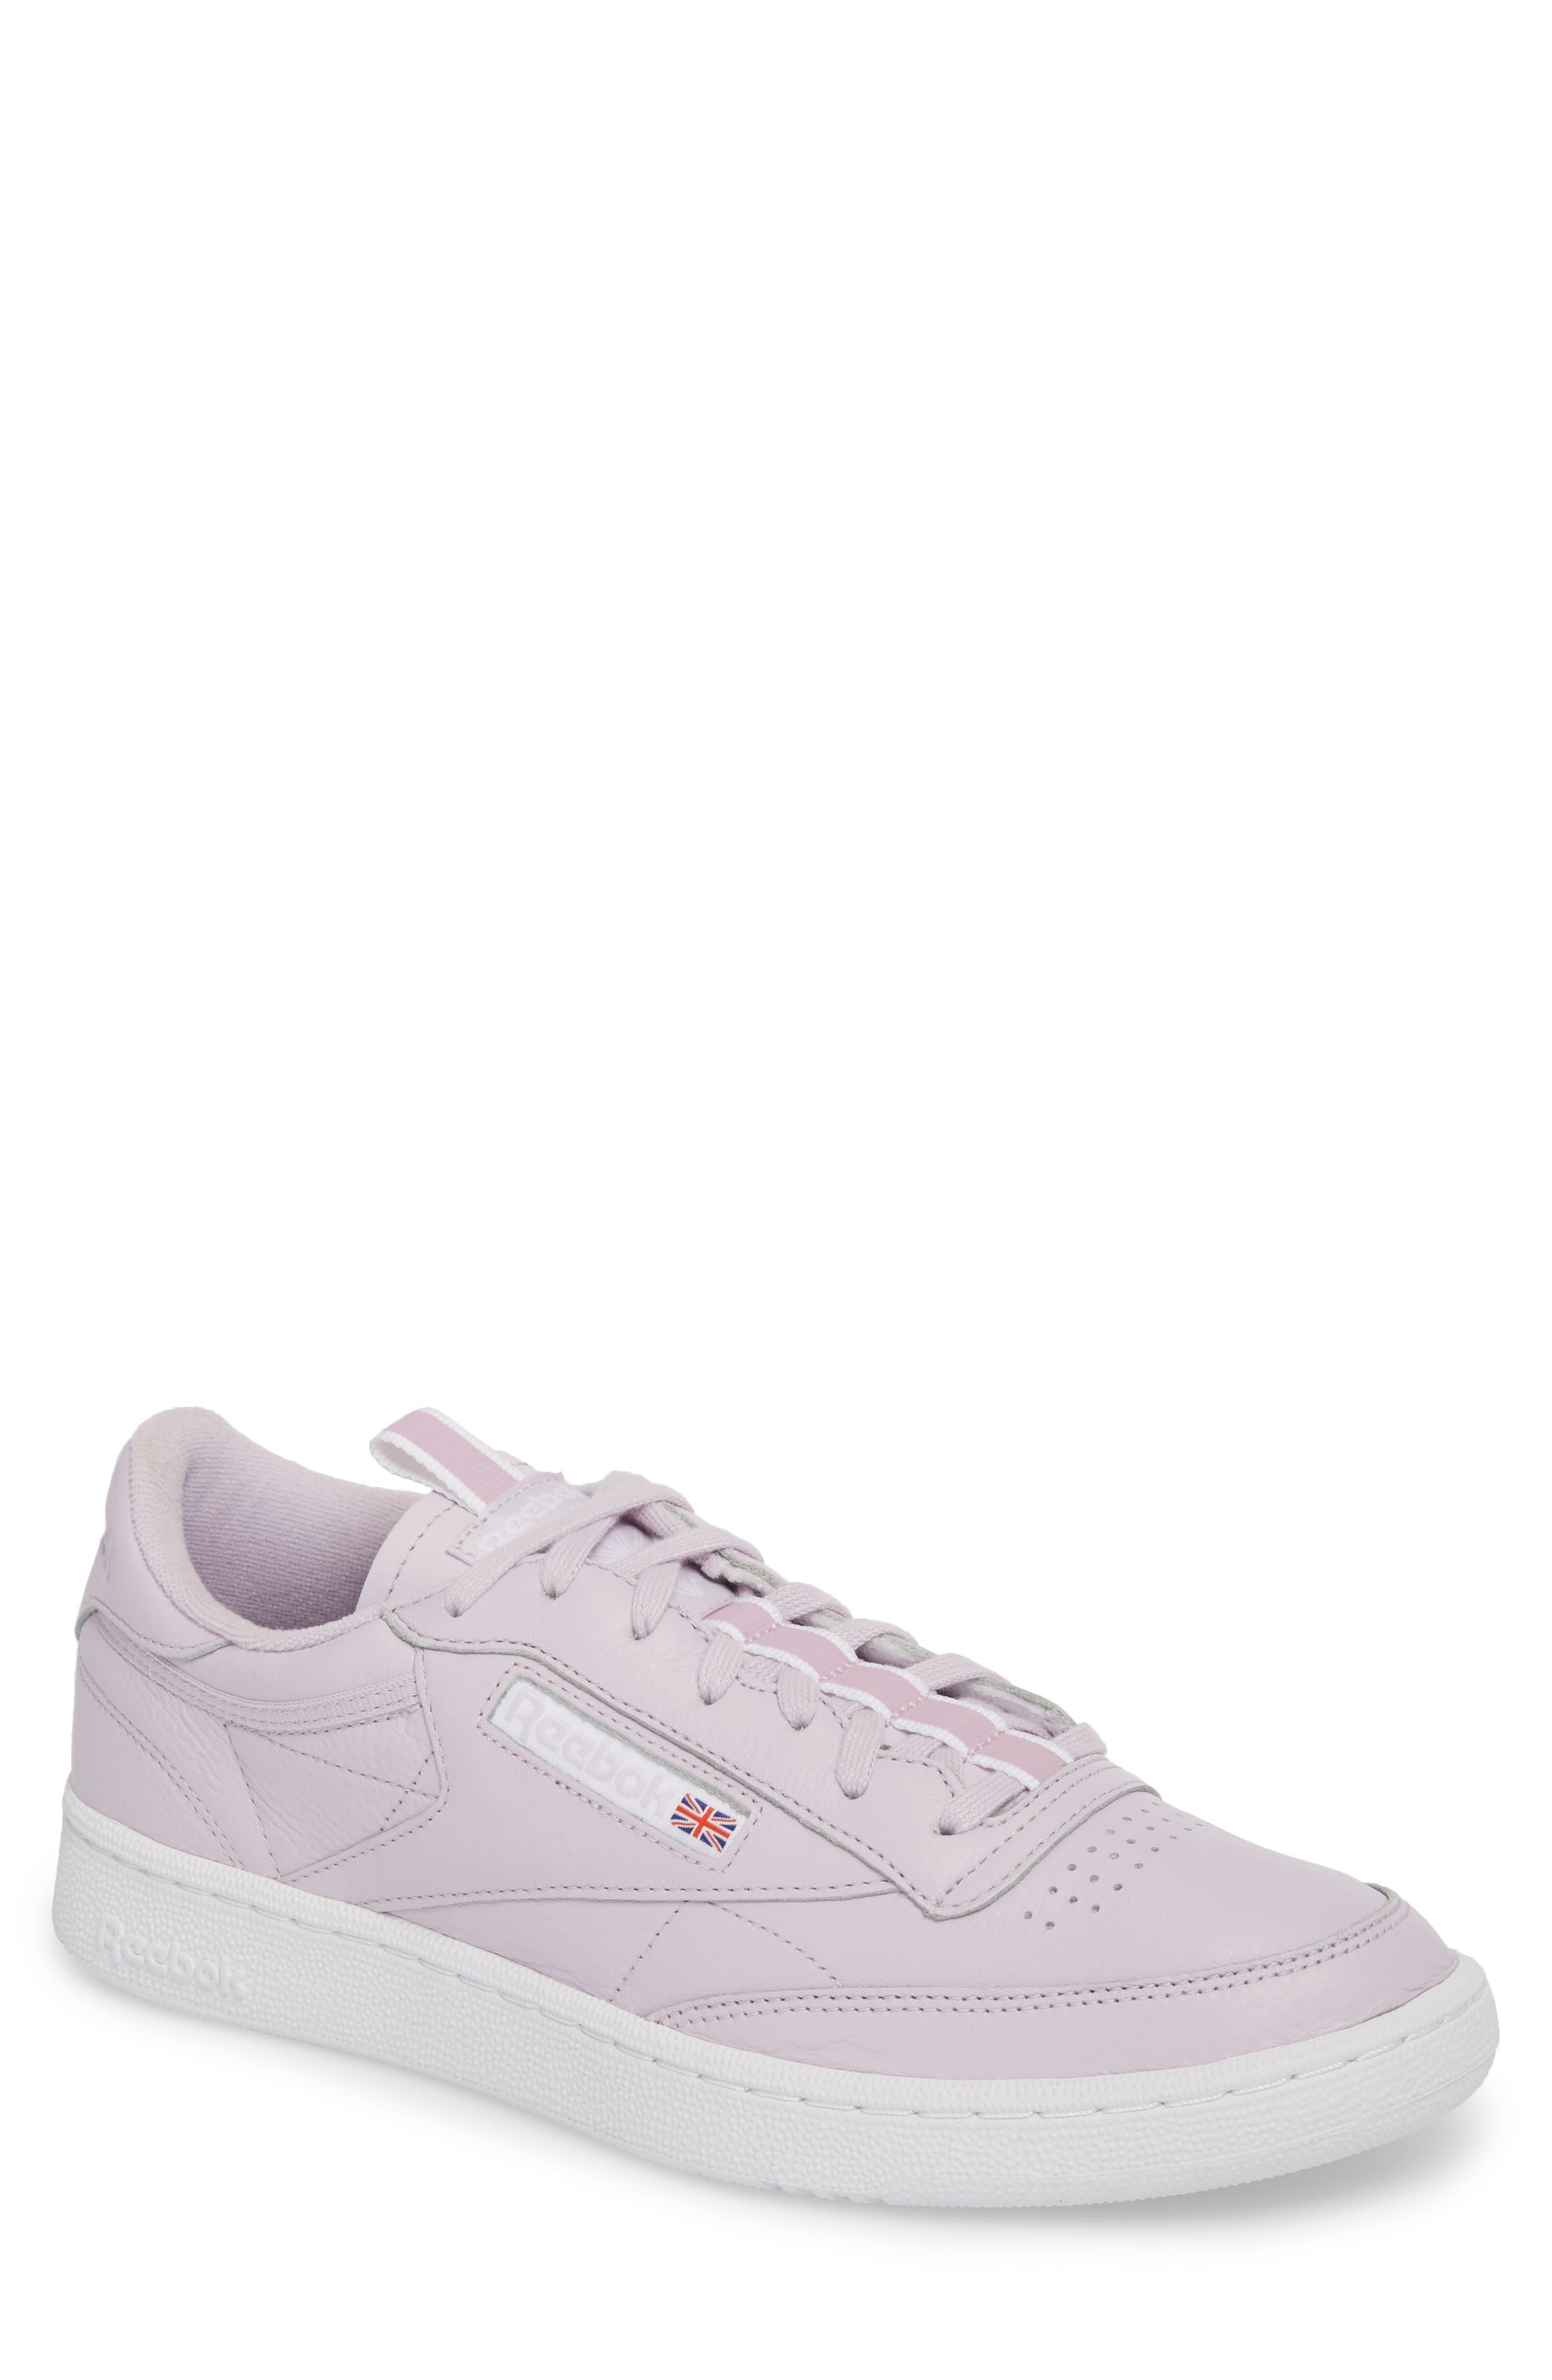 Club C 85 RT Sneaker,                         Main,                         color,